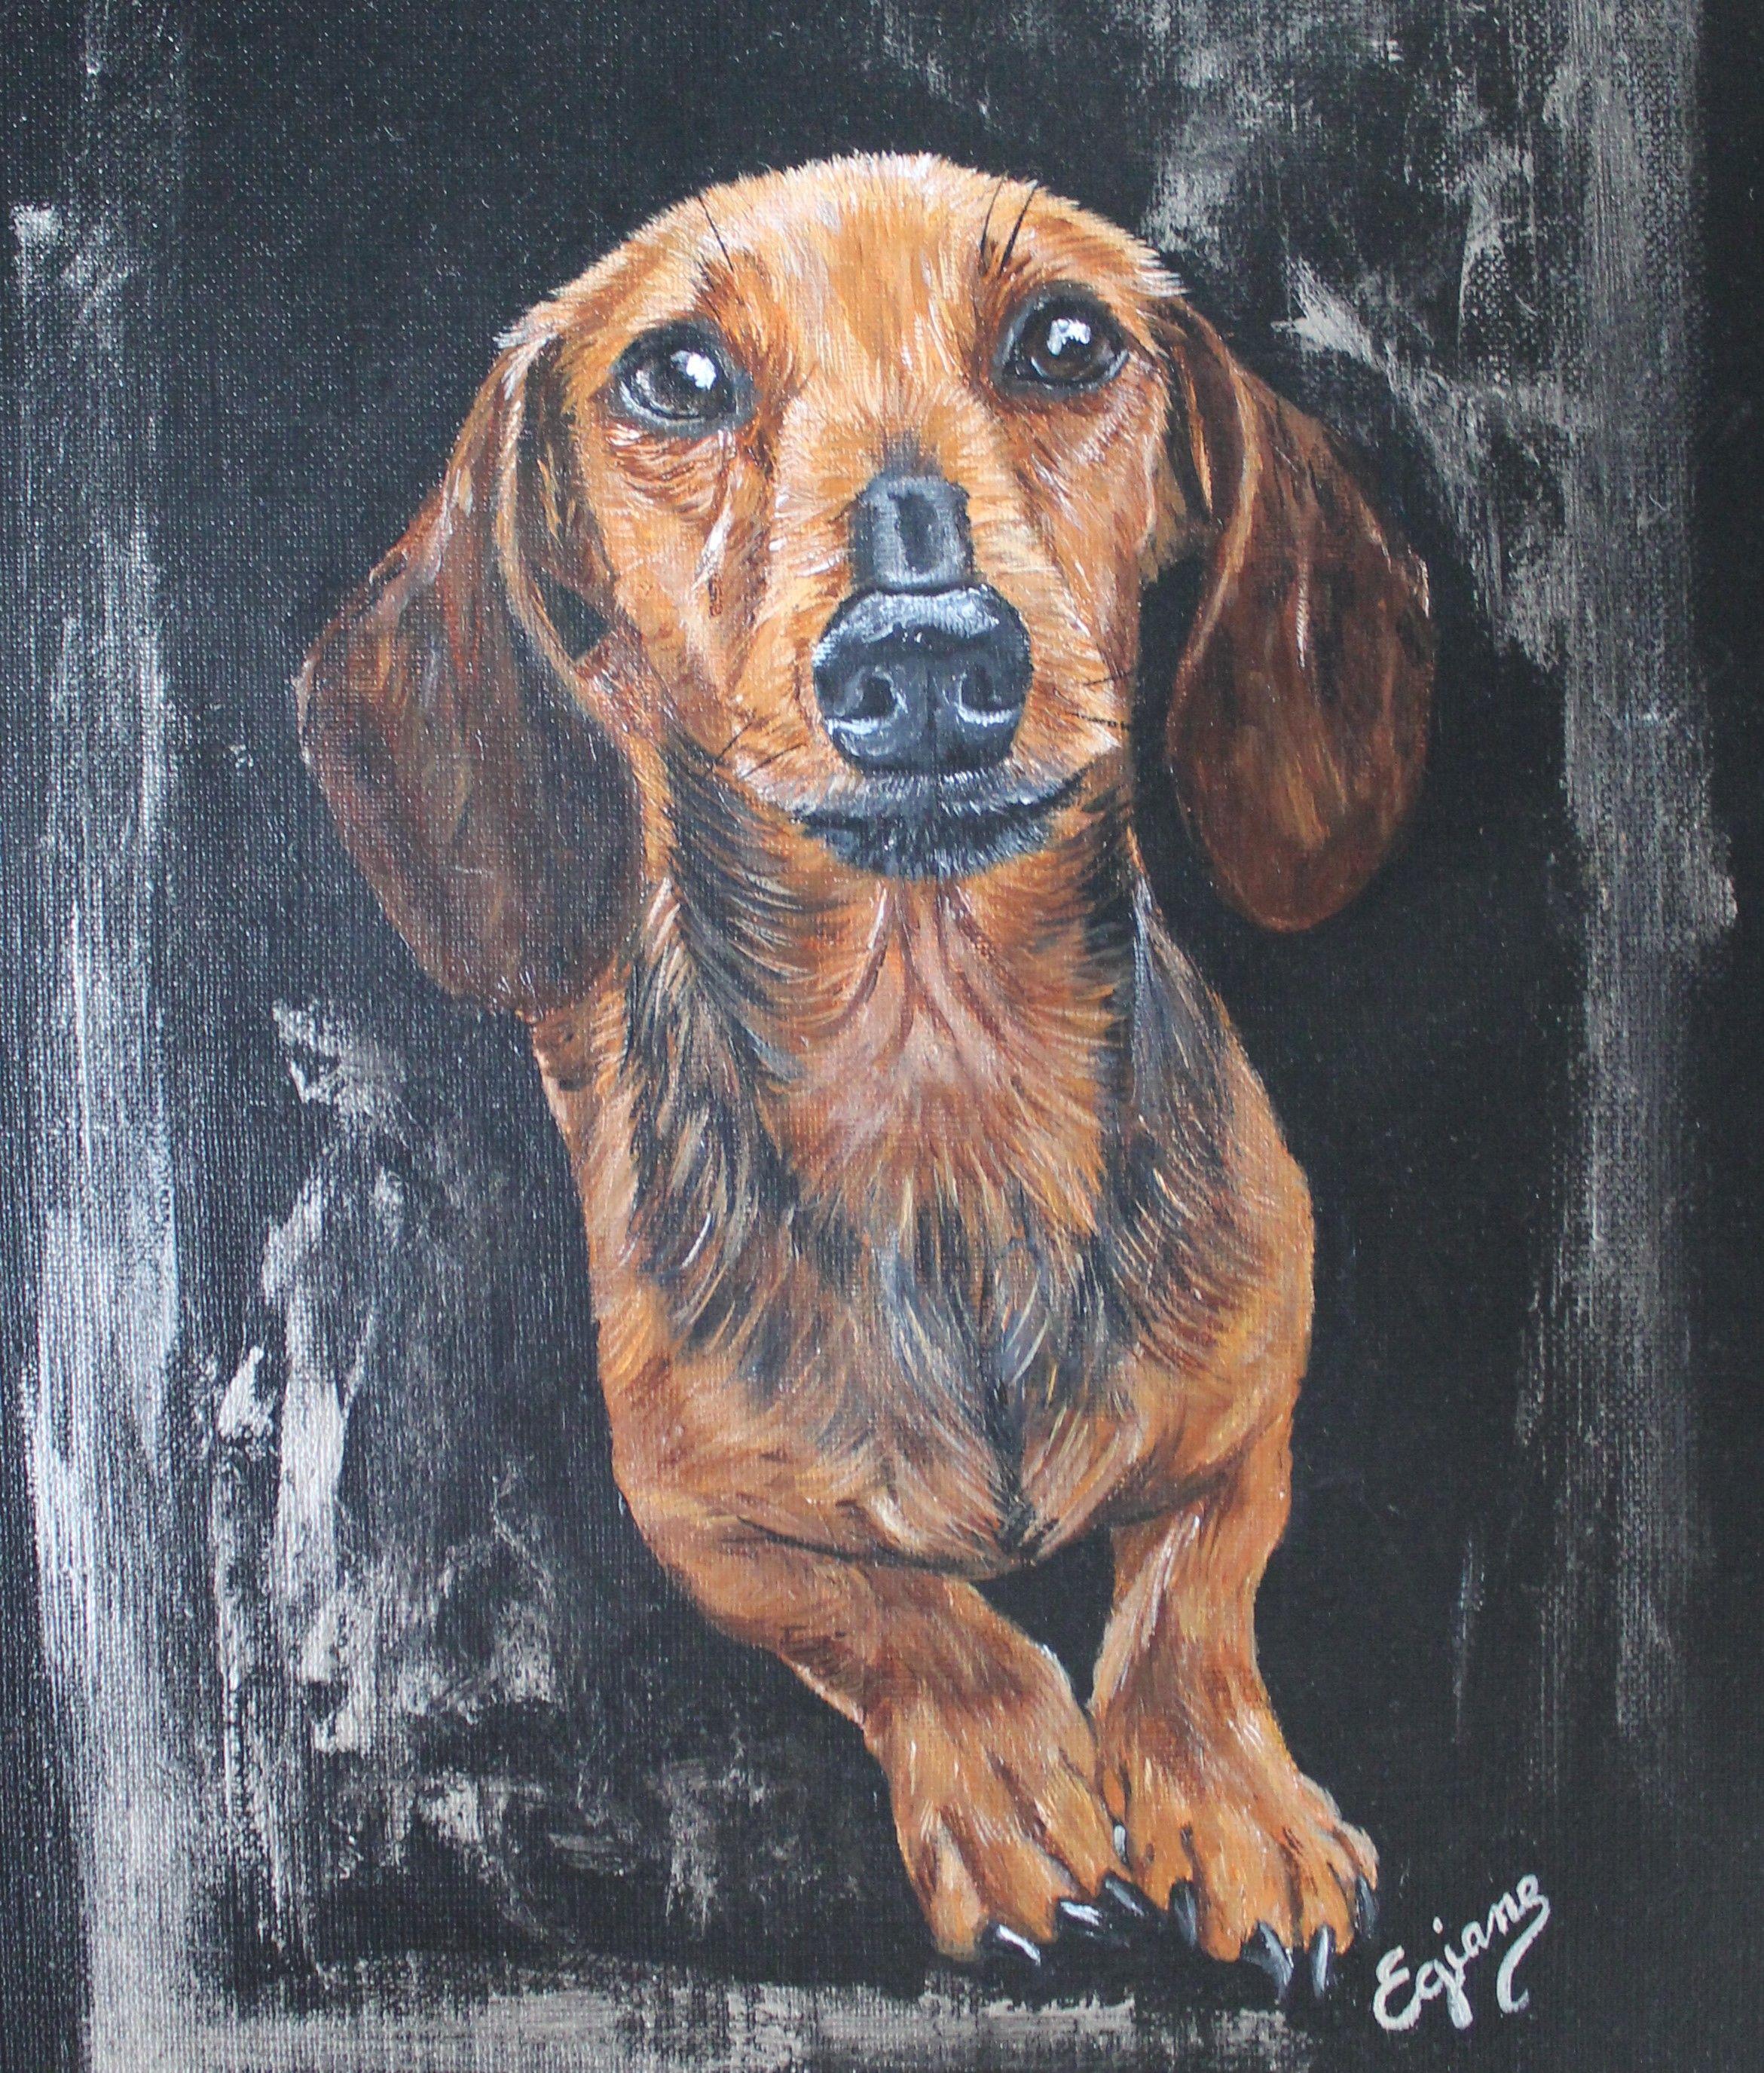 Portrait De Teckel Poils Ras Peinture Acrylique Sur Toile 3040cm